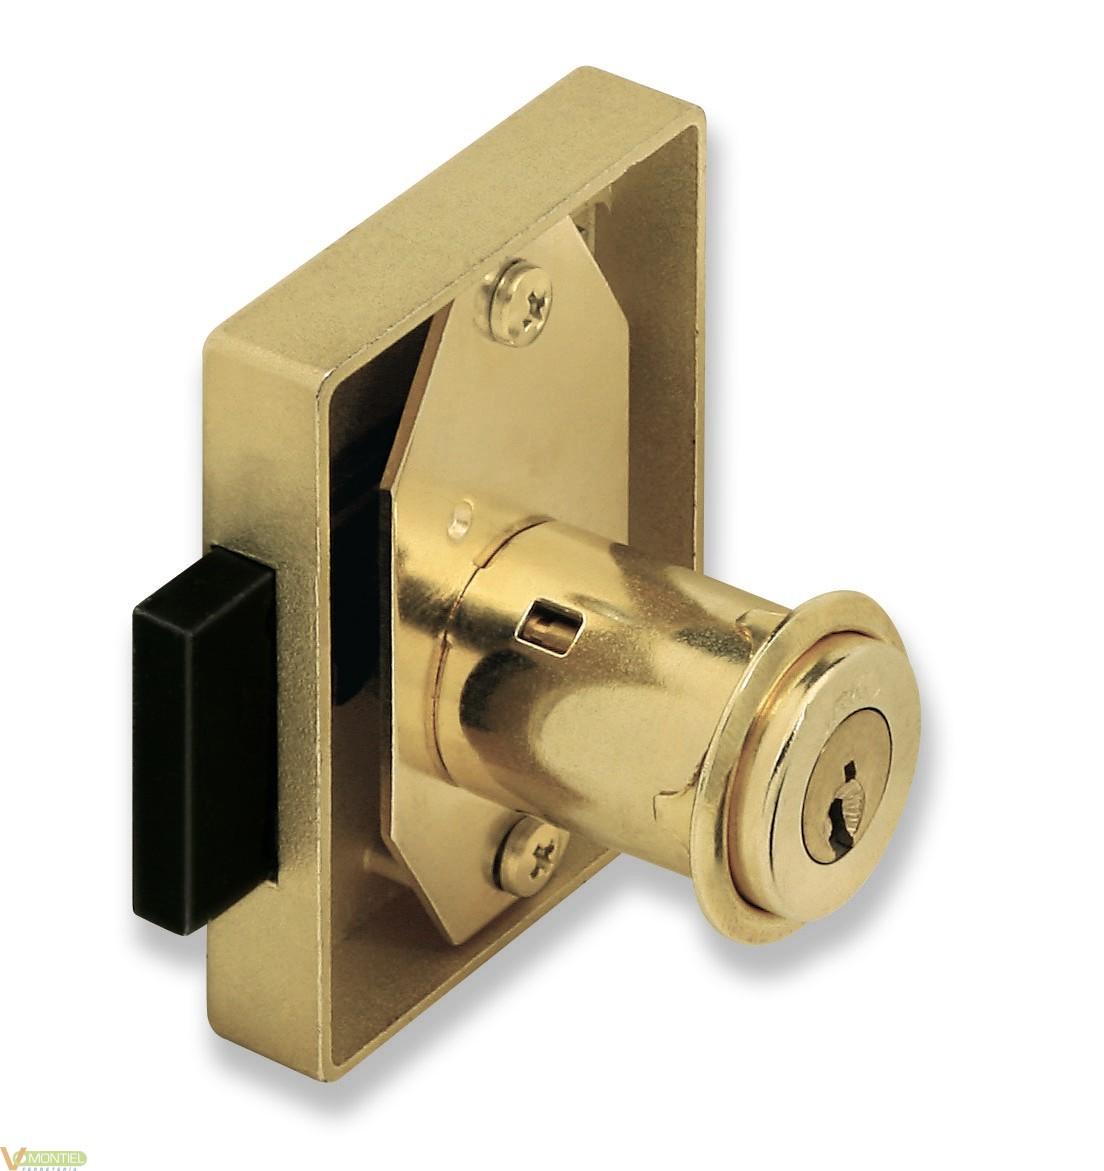 Cerradura mueb entrada 35mm 23-0